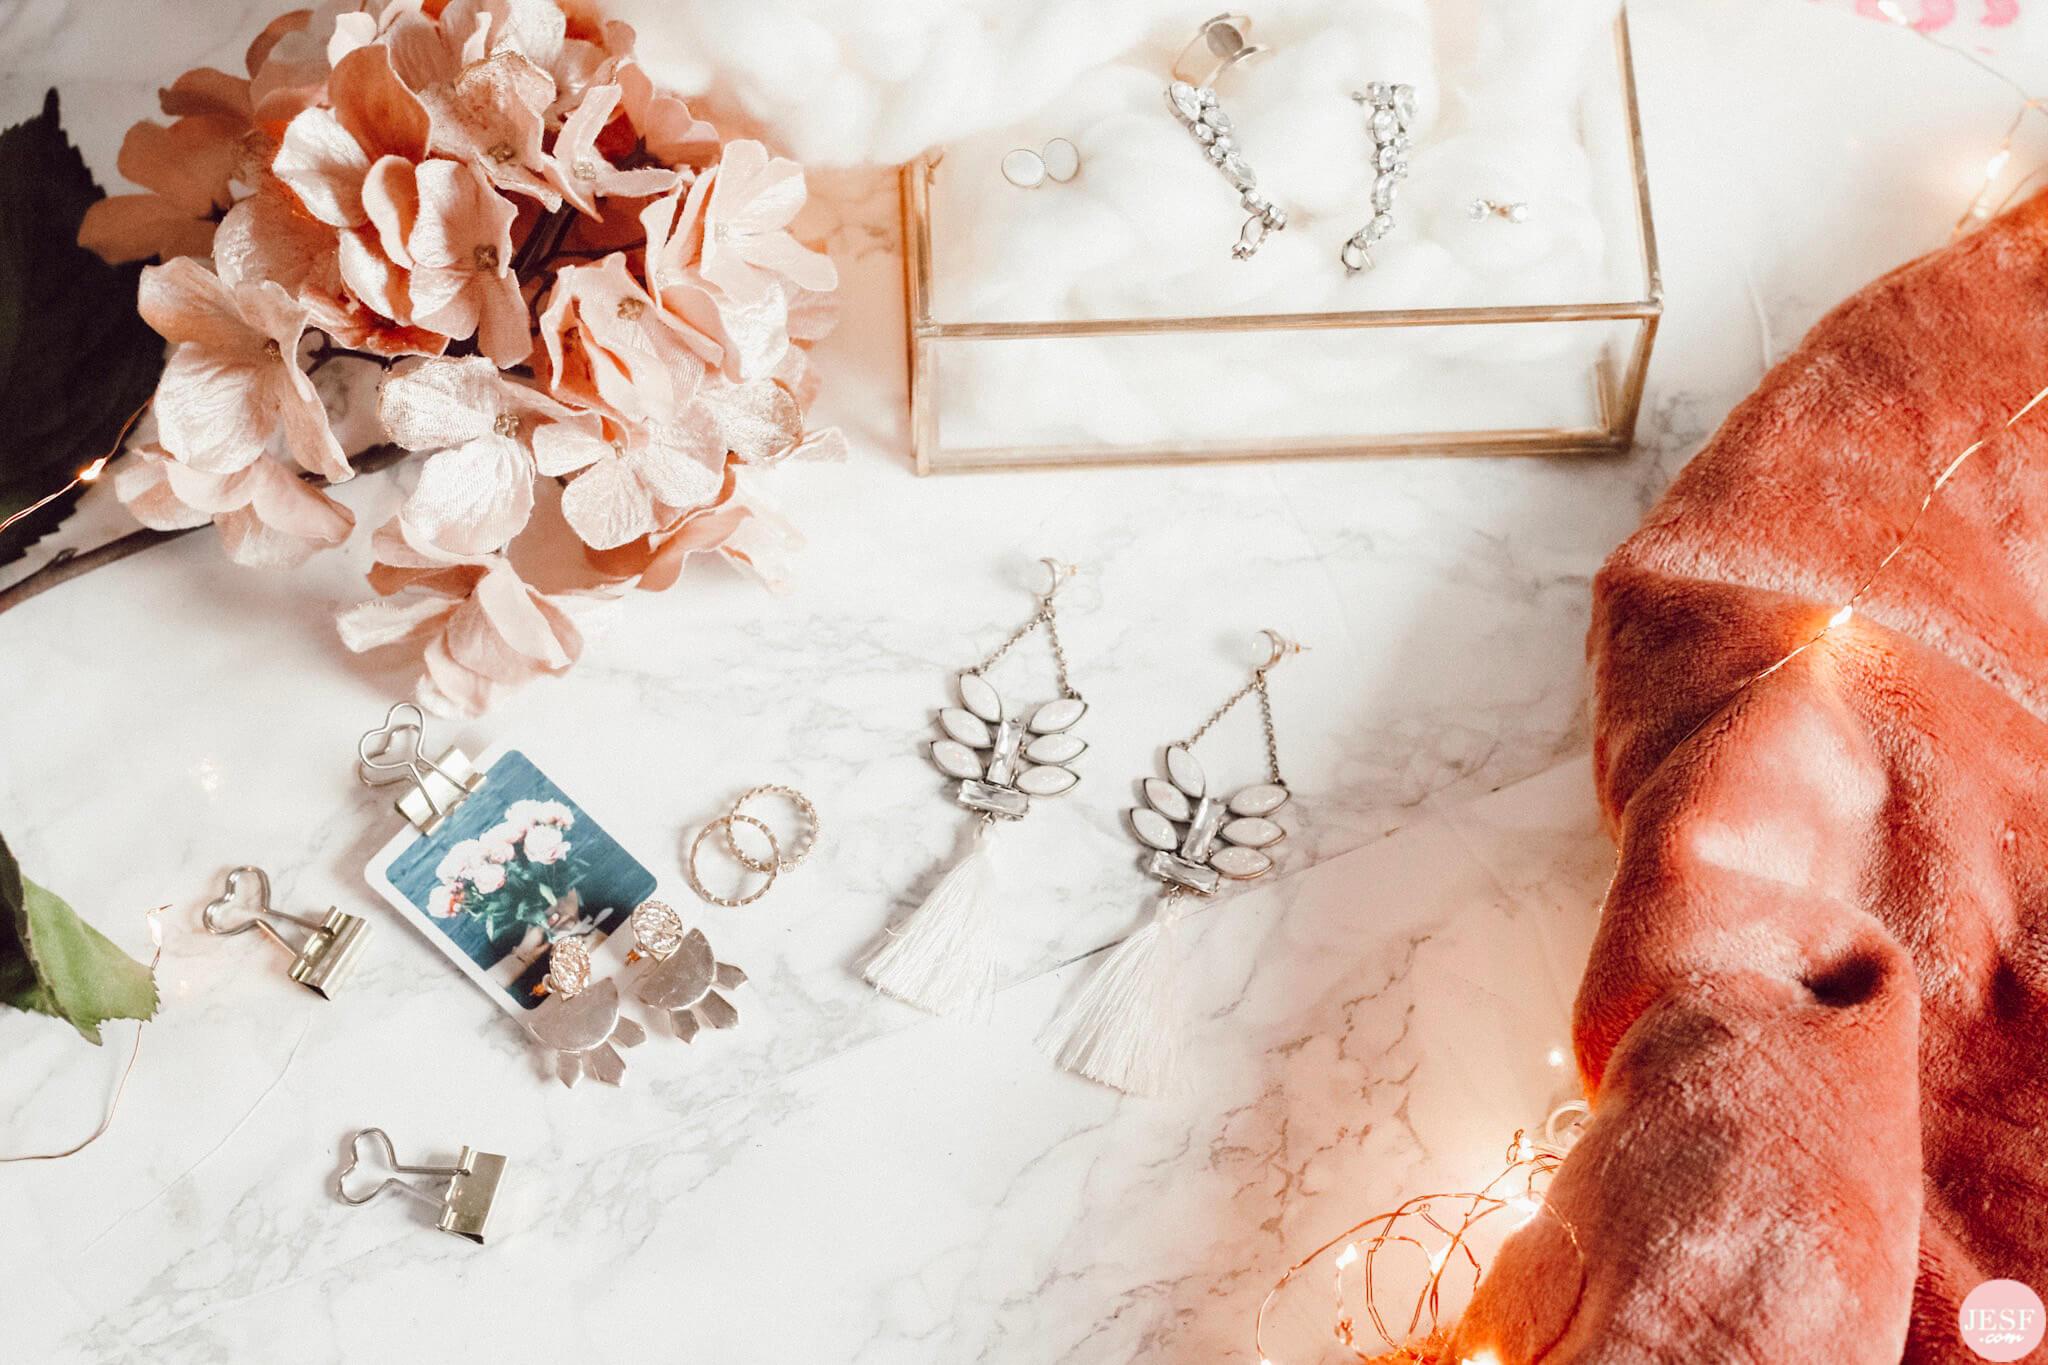 bijoux-tendances-fantaisies-plaqué-or-femmes-bagues-boucles-oreilles